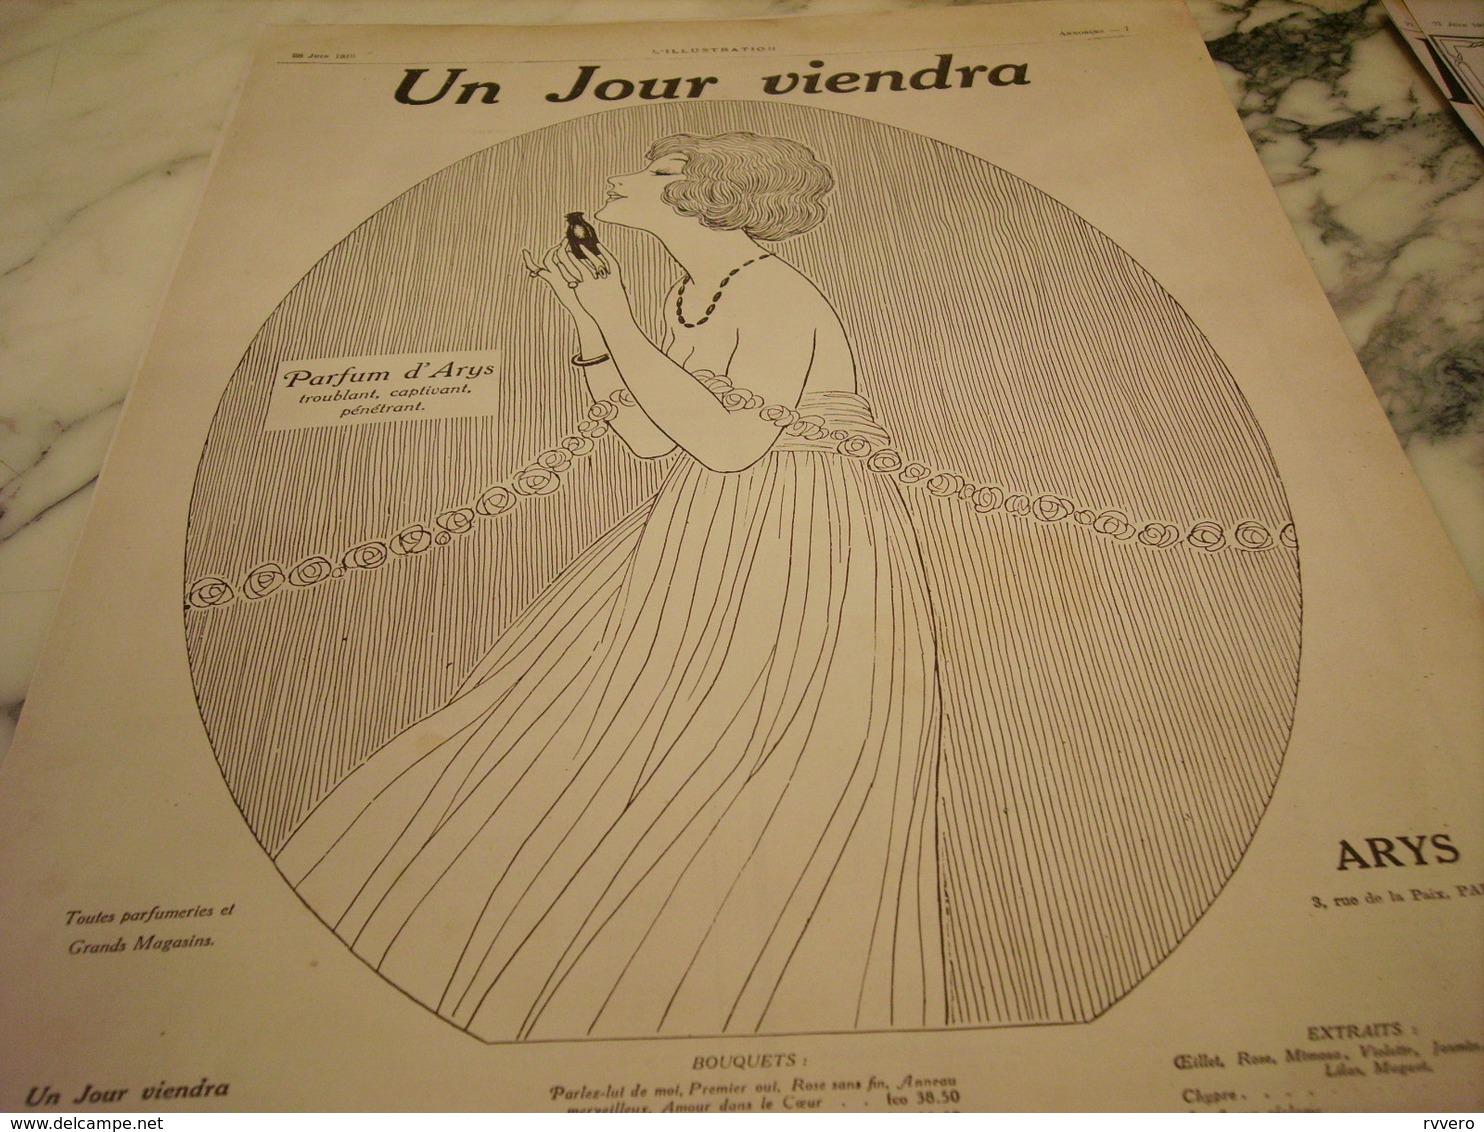 ANCIENNE PUBLICITE PARFUM UN JOUR VIENDRA ARYS 1919 - Publicités